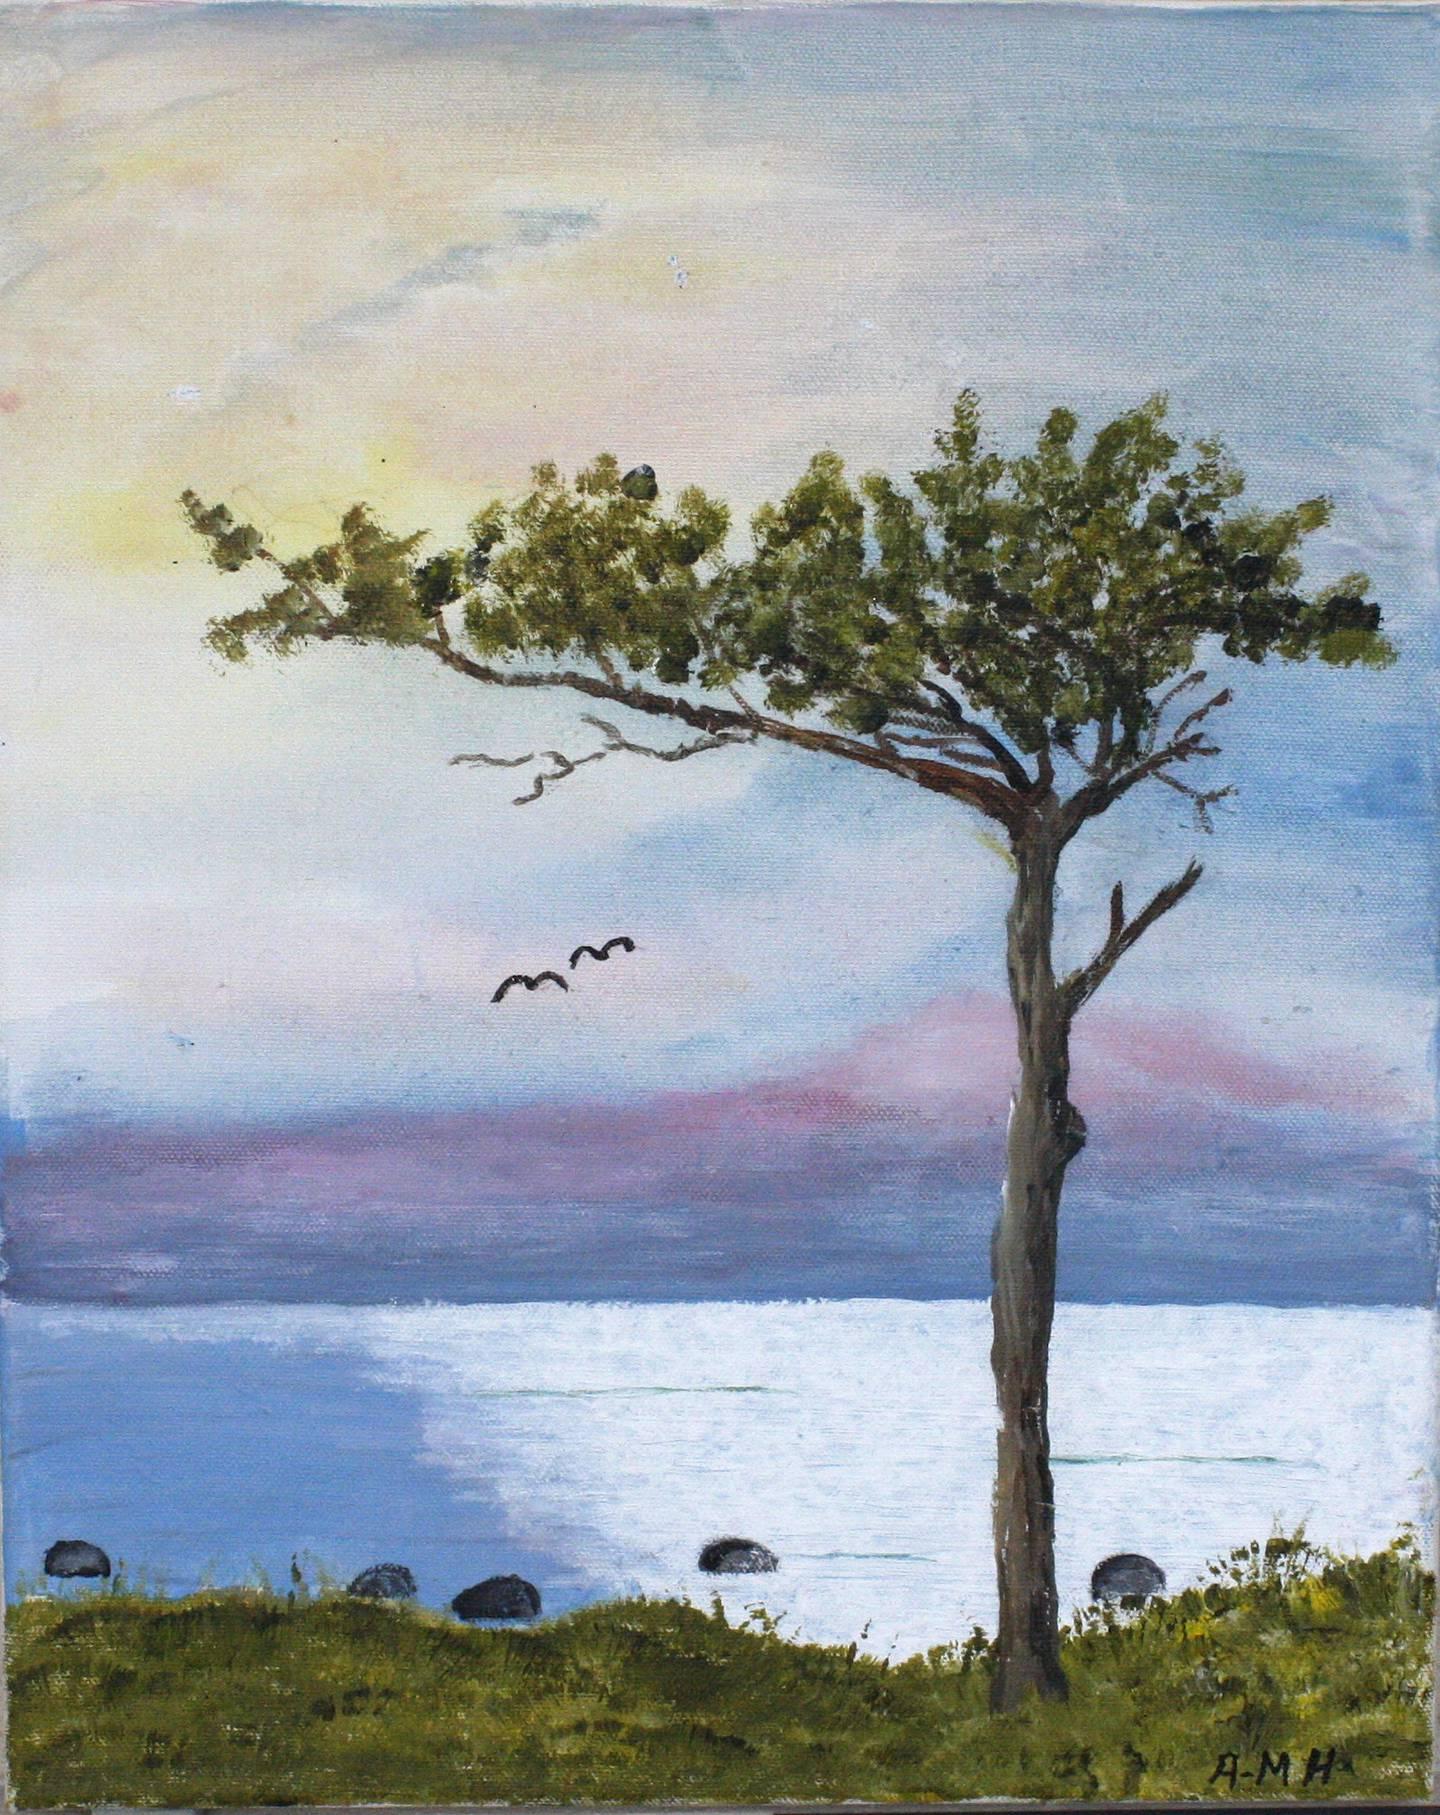 Tavla av Ann-Marie Hammar. Motiv: Tall vid sjö.